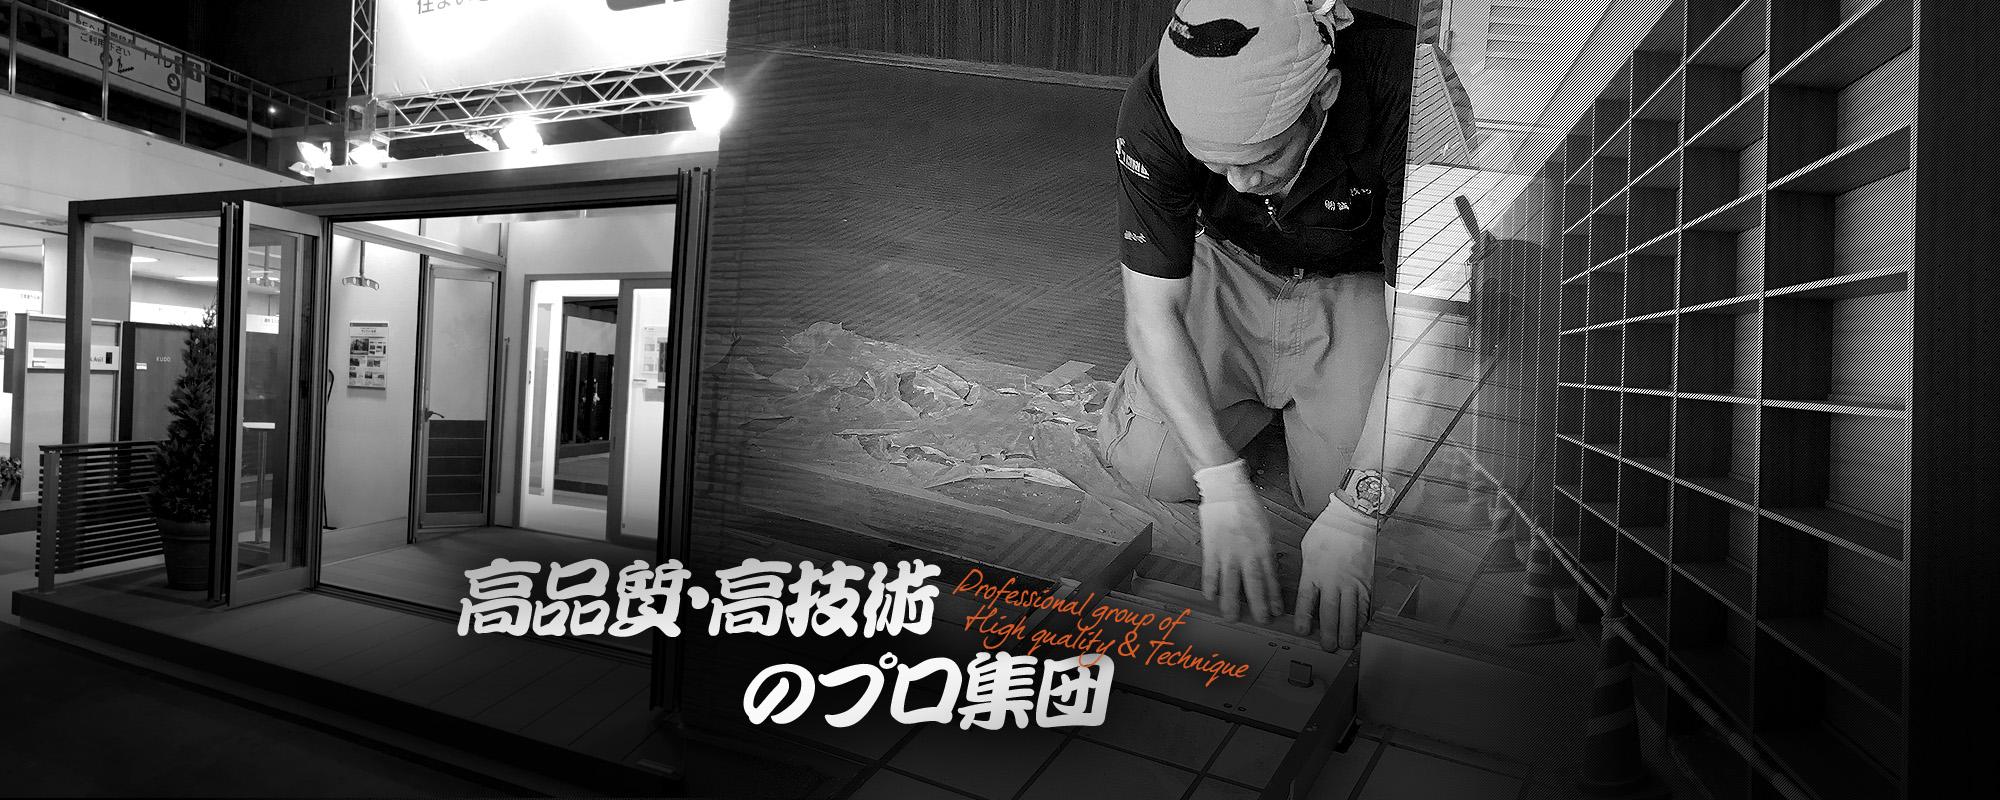 pc_teaser_01_03